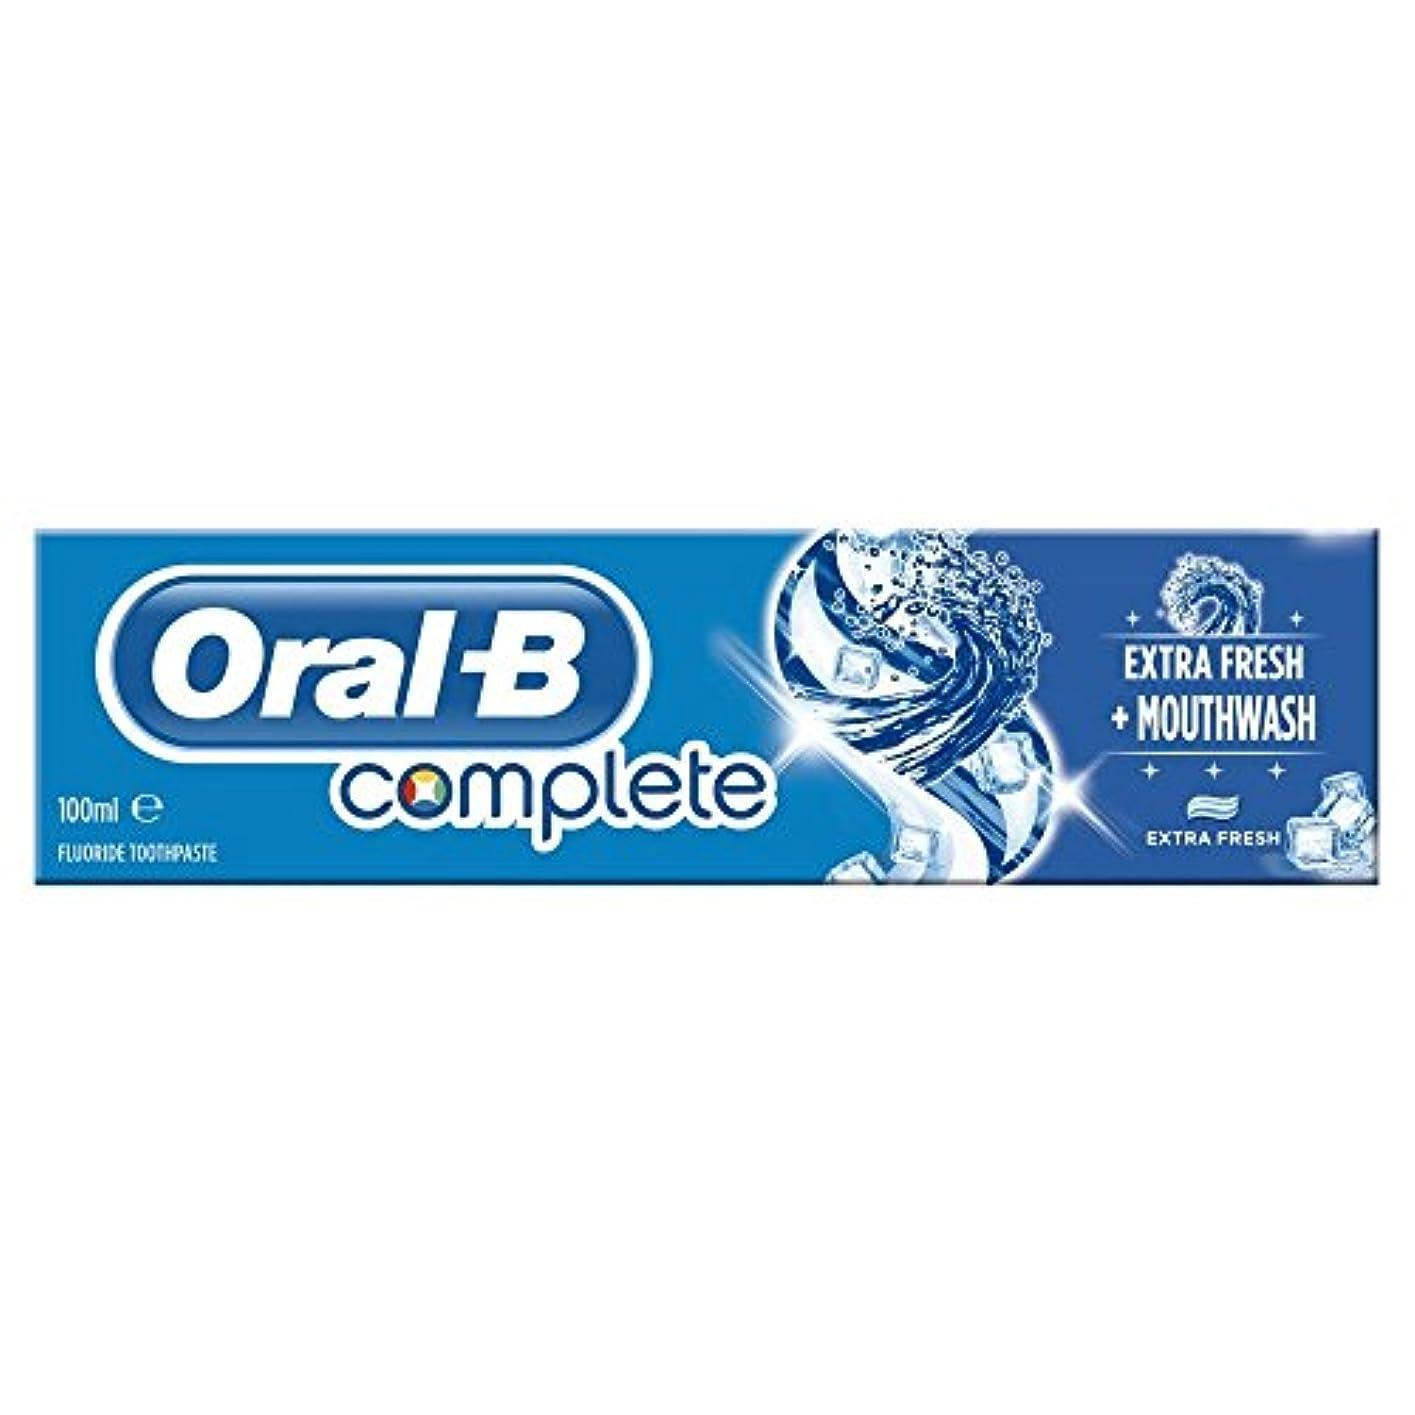 正直フラップ動詞Oral B Complete Extra Fresh Toothpaste (100ml) 経口b完全な余分な新鮮な歯磨き粉( 100ミリリットル) [並行輸入品]